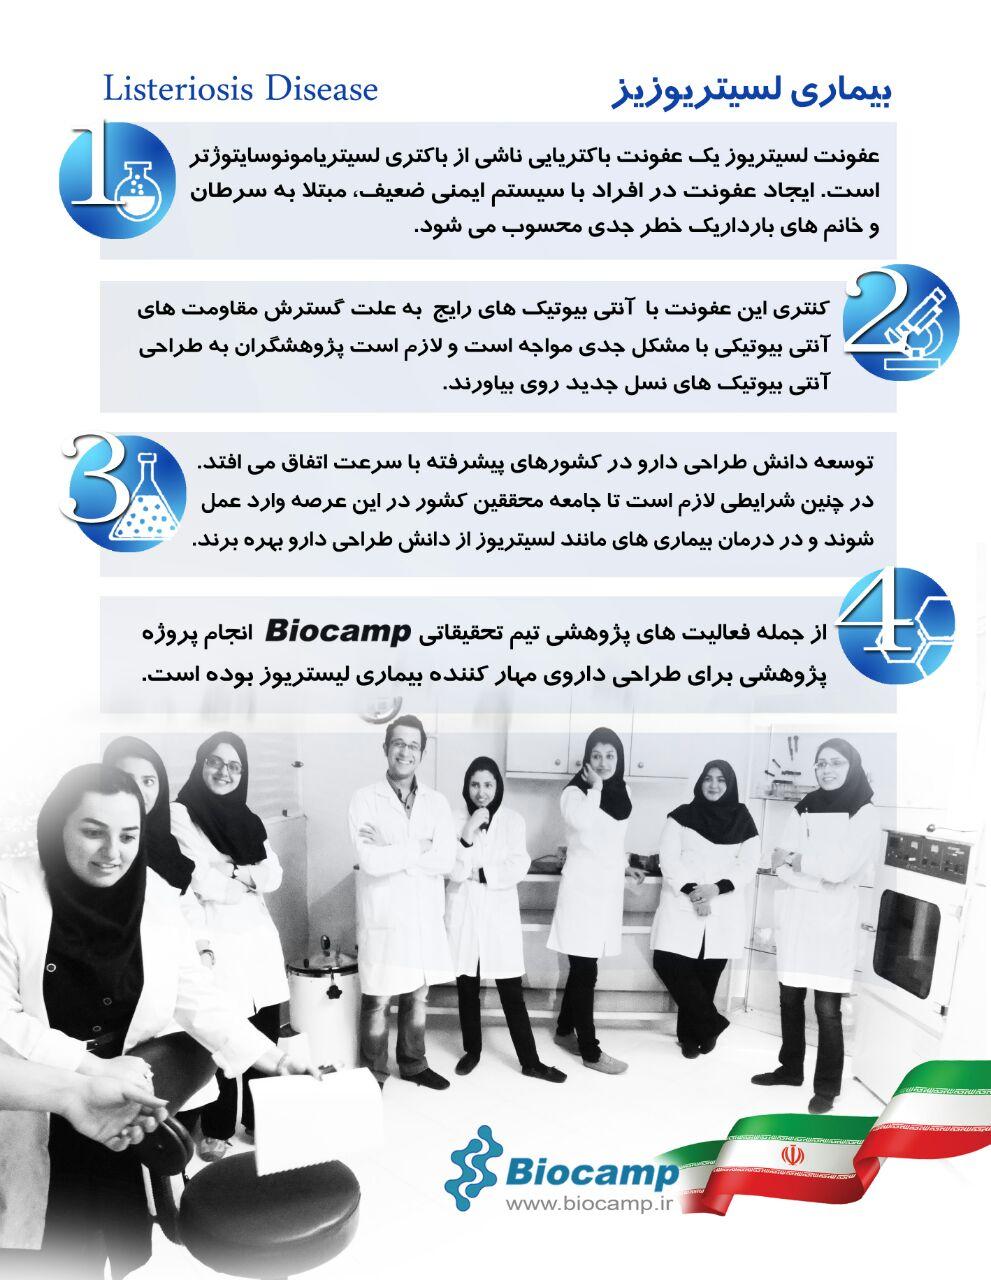 طراحی داروی مهارکننده بیماری لیستریوزیس بیماری لیستریوزیس طراحی داروی مهارکننده بیماری لیستریوزیس photo313947910631960705